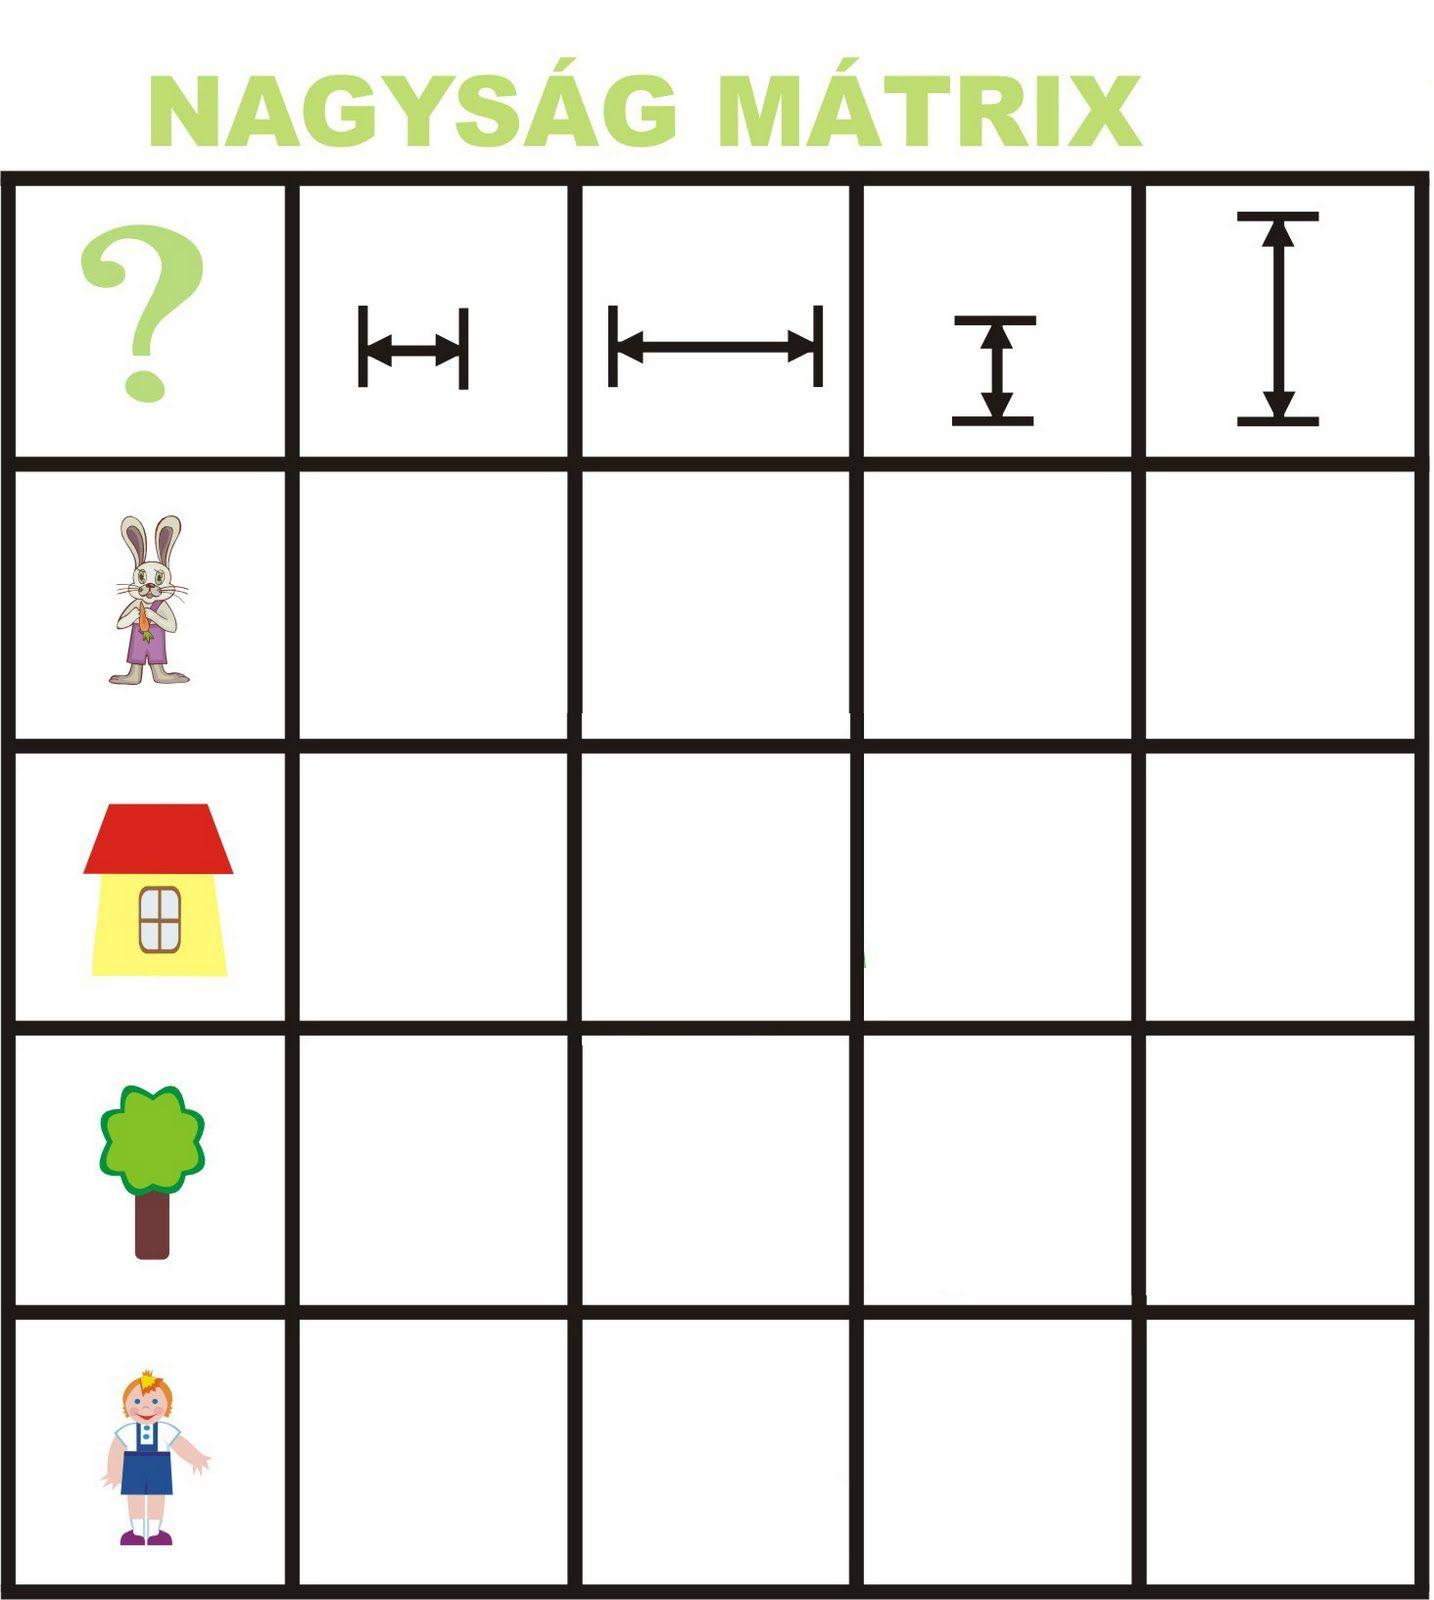 Matrix Begrippen Voor Kleuters 1 Free Printable